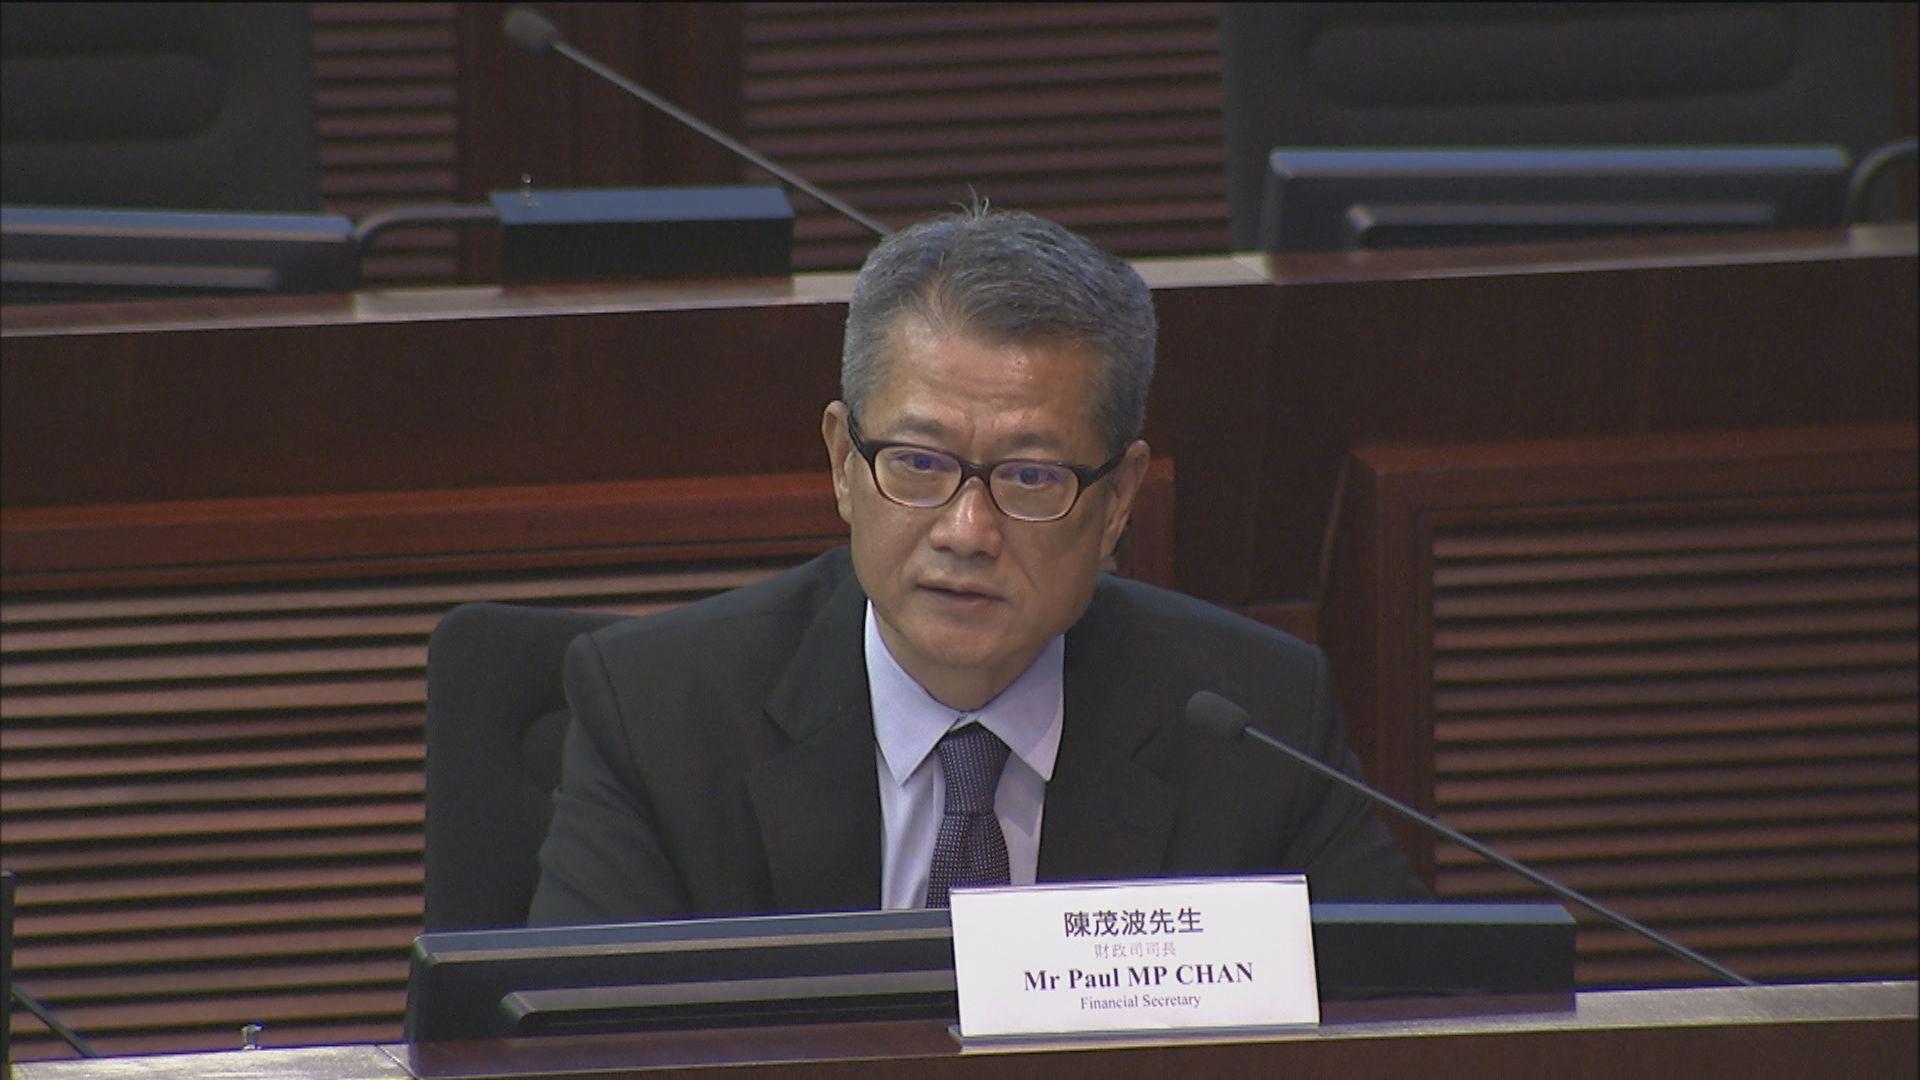 陳茂波:事態發展難料 會做好準備